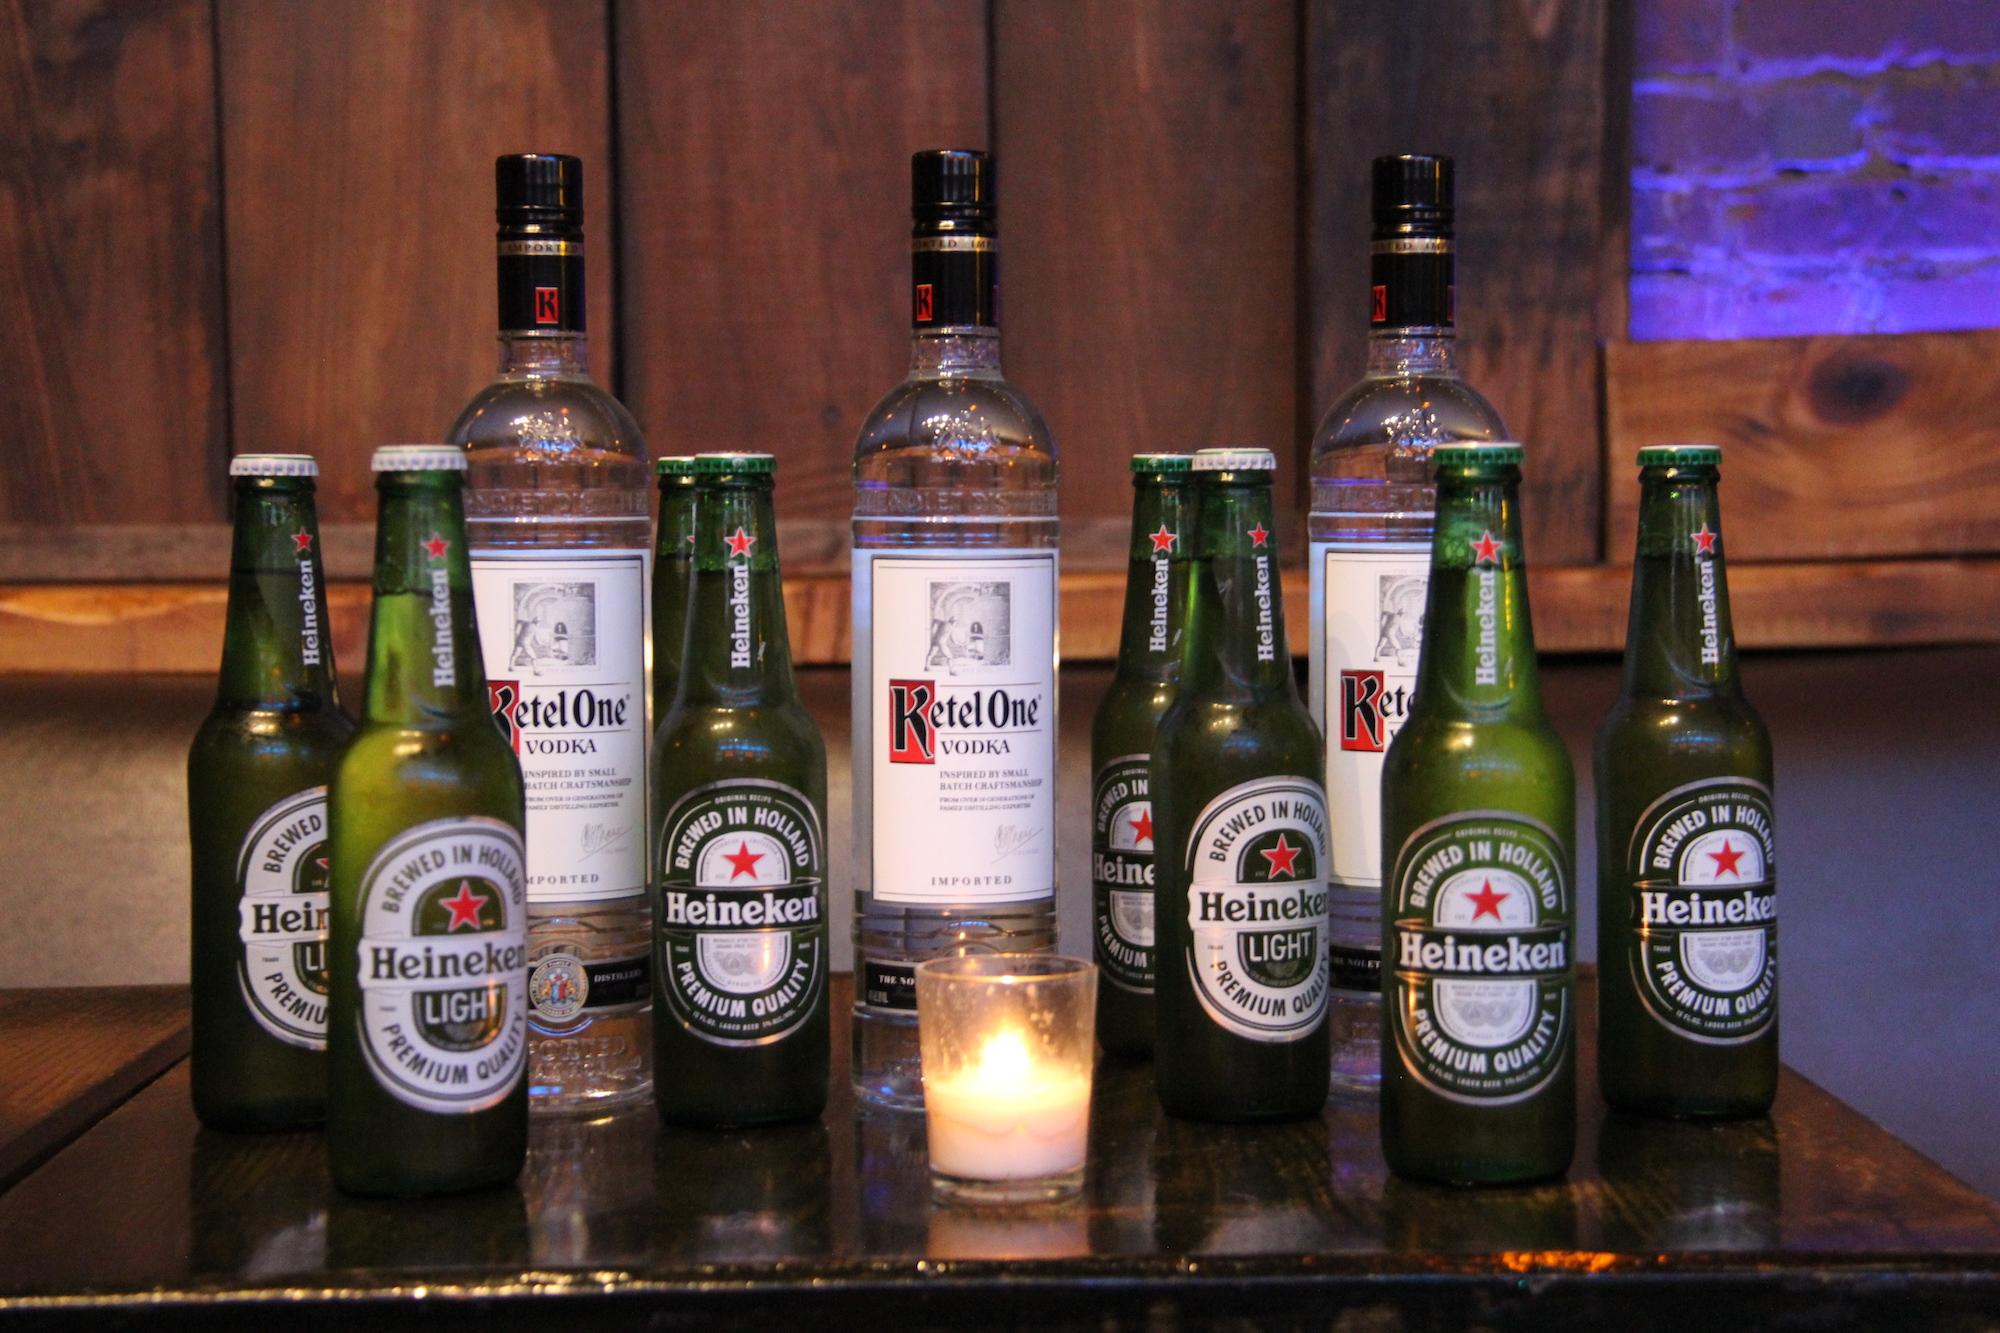 Sponsors Ketle One and Heineken